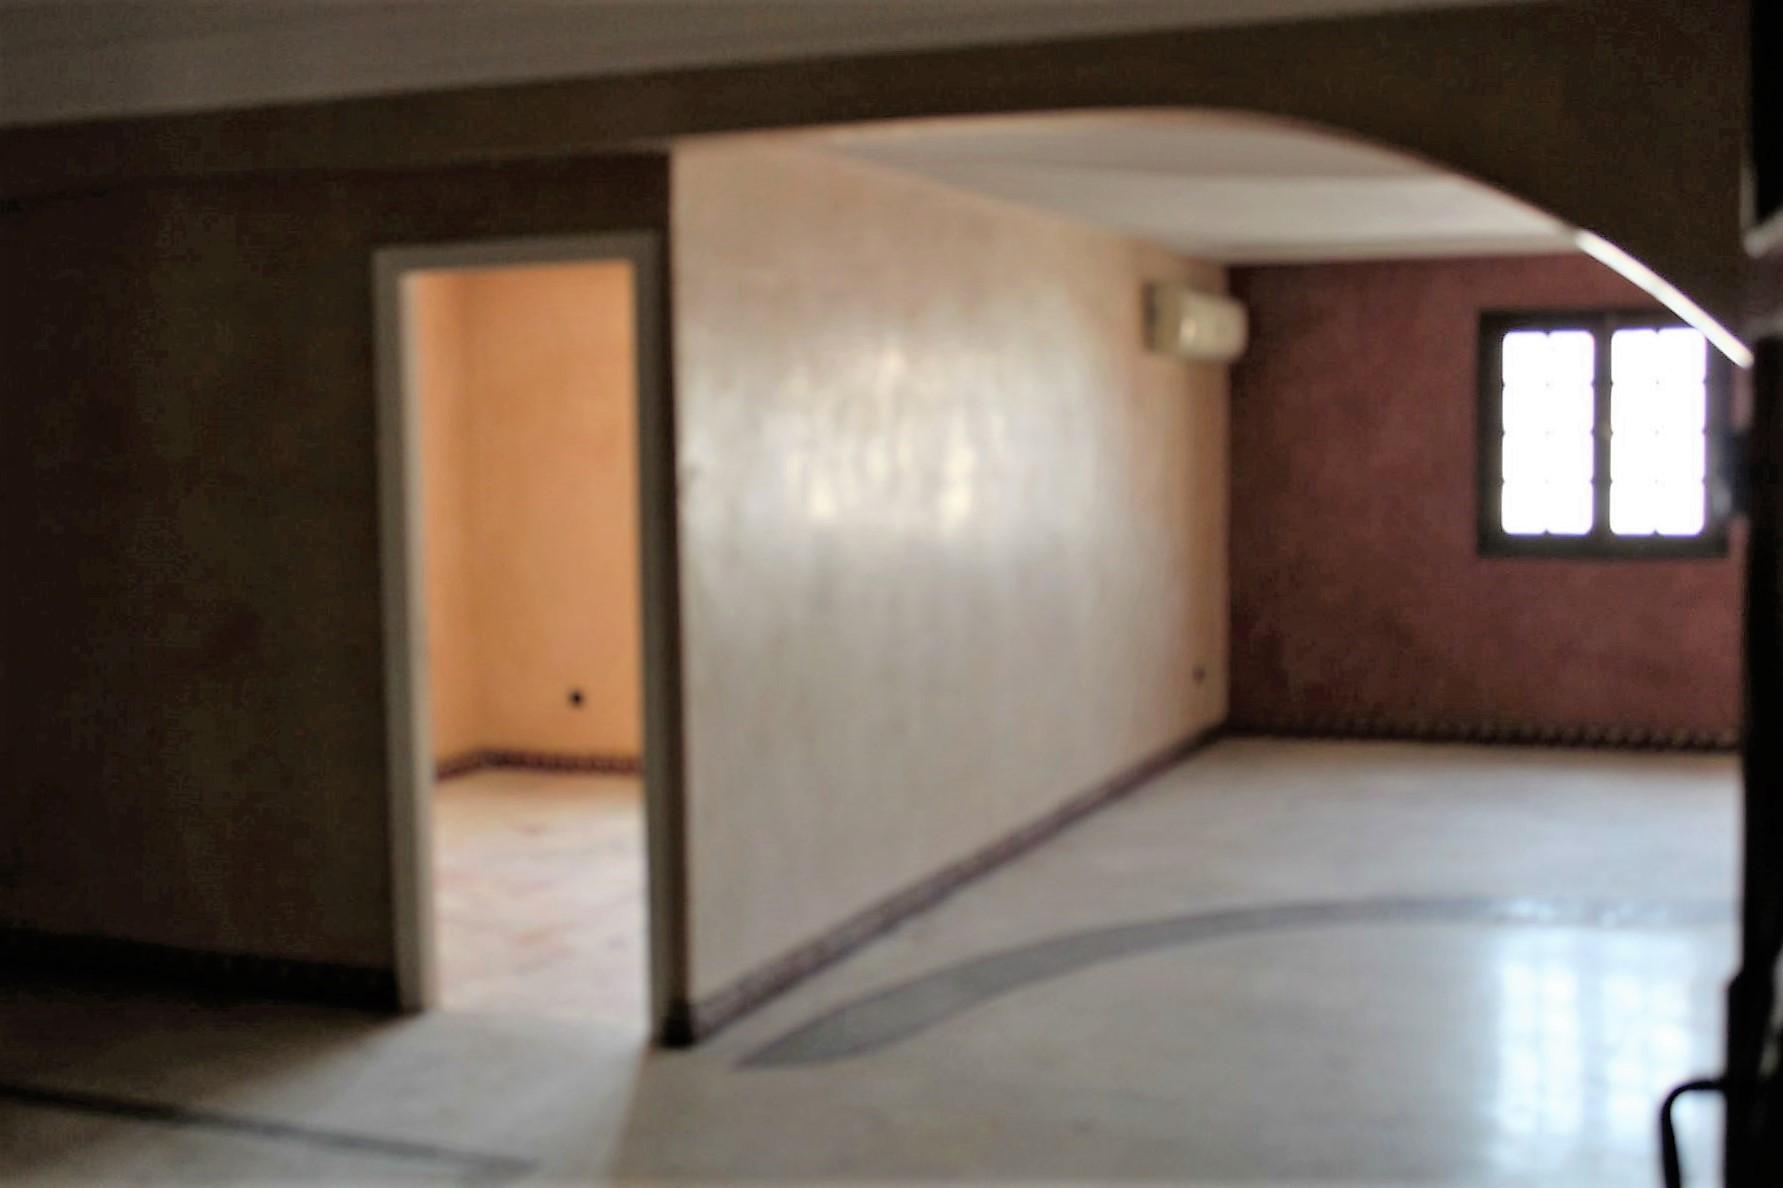 Casablanca,a vendre, appartement ,belle affaire sur av 2 mars ,dernier etage